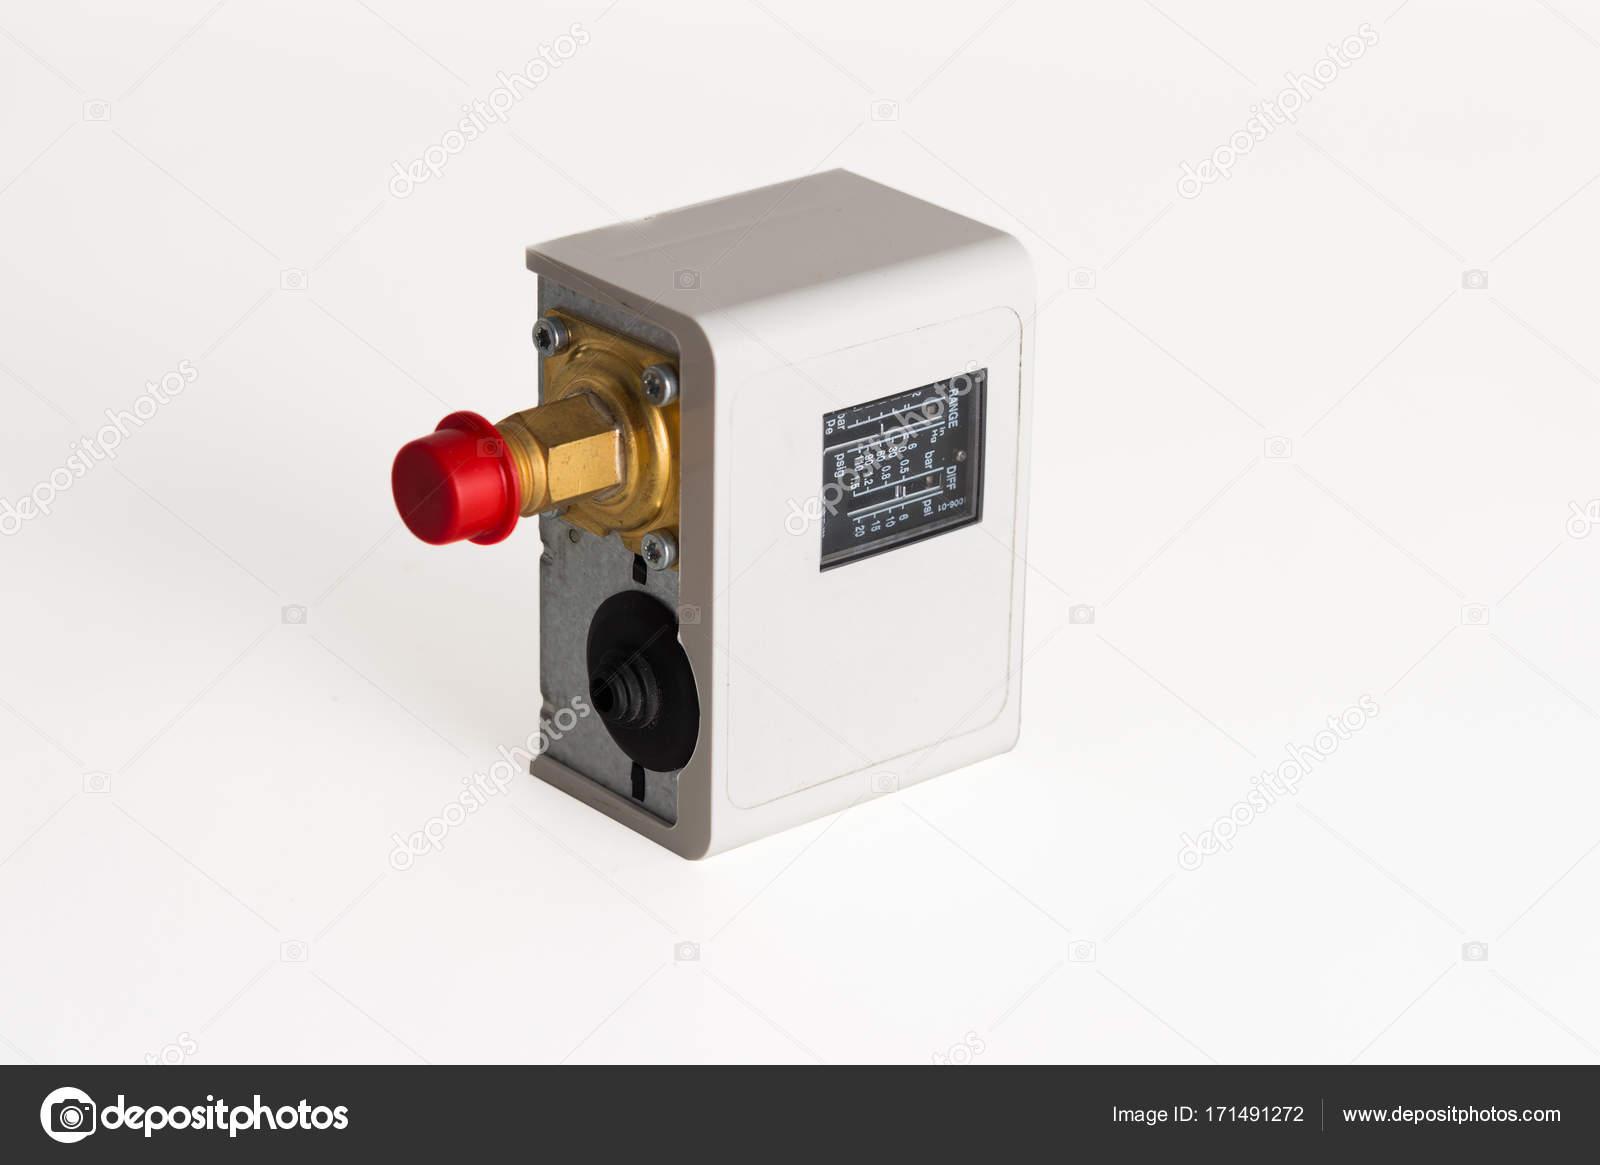 Ανταλλακτικά ποιότητας από την ΟΕΜ № 3782082001 — Διακόπτης πίεσης λαδιού που είναι κατάλληλα για TOYOTA, SUZUKI, SUBARU, BEDFORD, MARUTI.